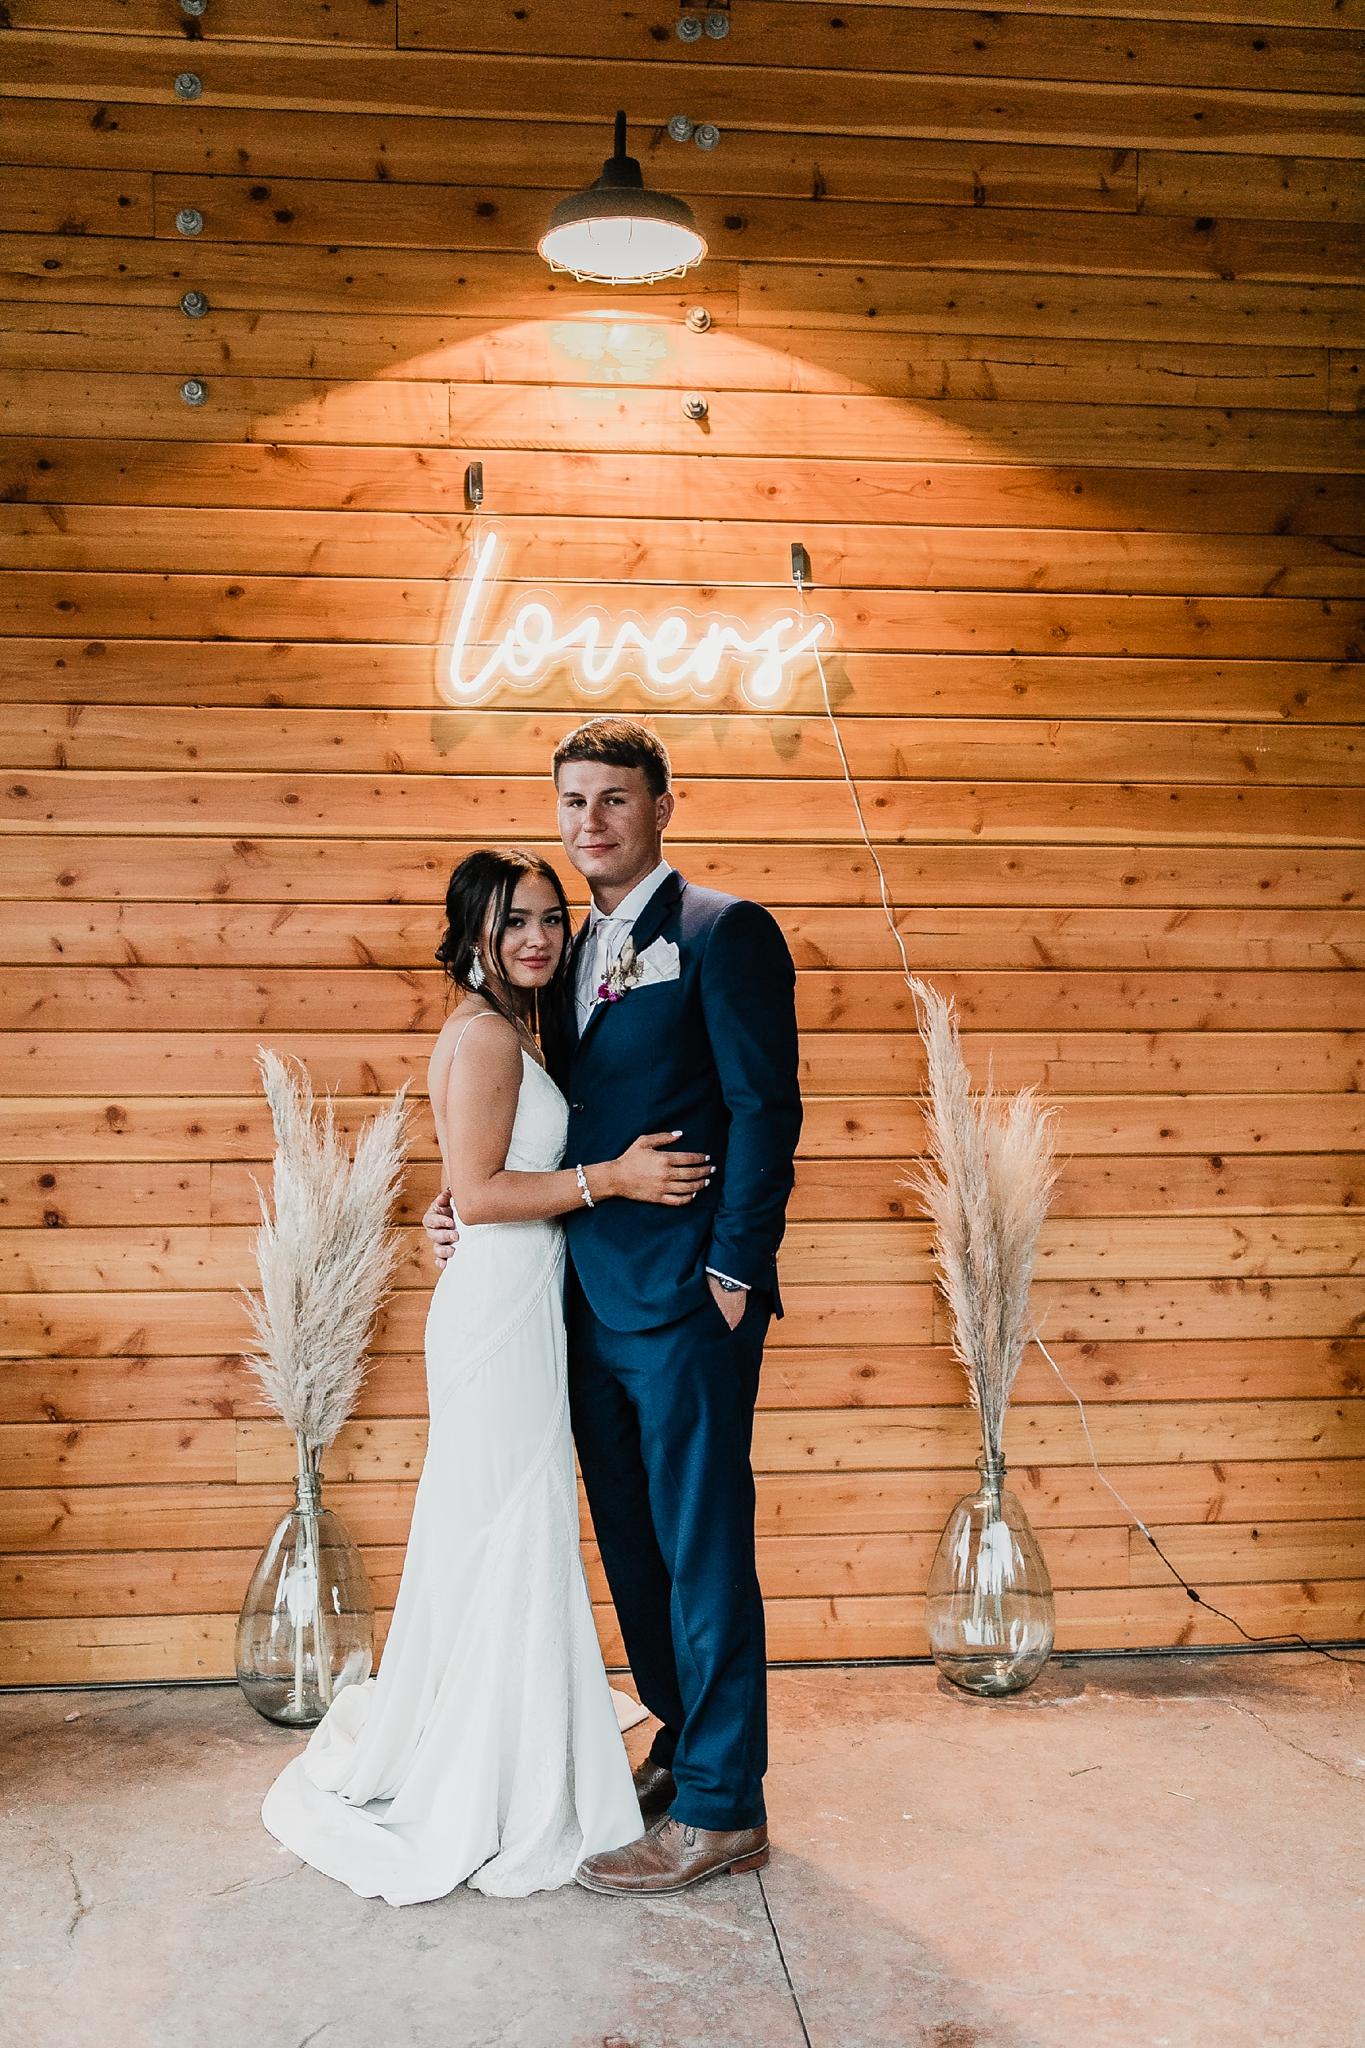 Alicia+lucia+photography+-+albuquerque+wedding+photographer+-+santa+fe+wedding+photography+-+new+mexico+wedding+photographer+-+new+mexico+wedding+-+new+mexico+wedding+-+barn+wedding+-+enchanted+vine+barn+wedding+-+ruidoso+wedding_0156.jpg